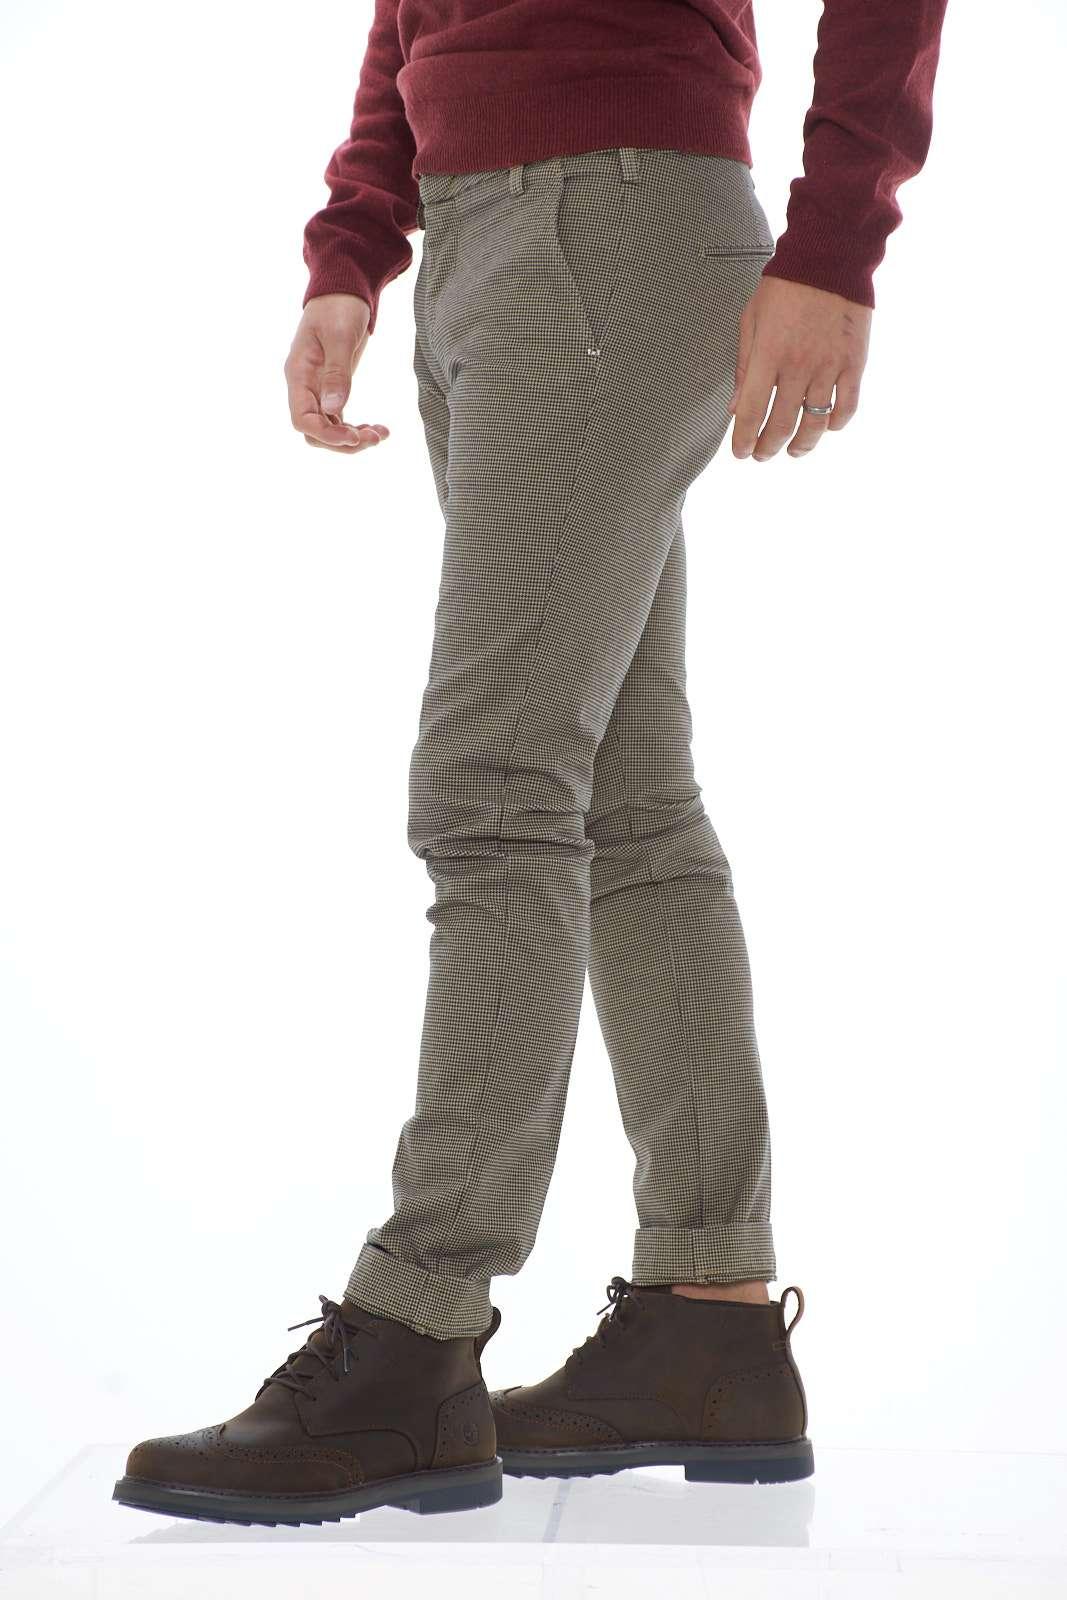 https://www.parmax.com/media/catalog/product/a/i/ai-outlet_parmax-pantaloni-uomo-entre-amis-a1982011536l17-b.jpg